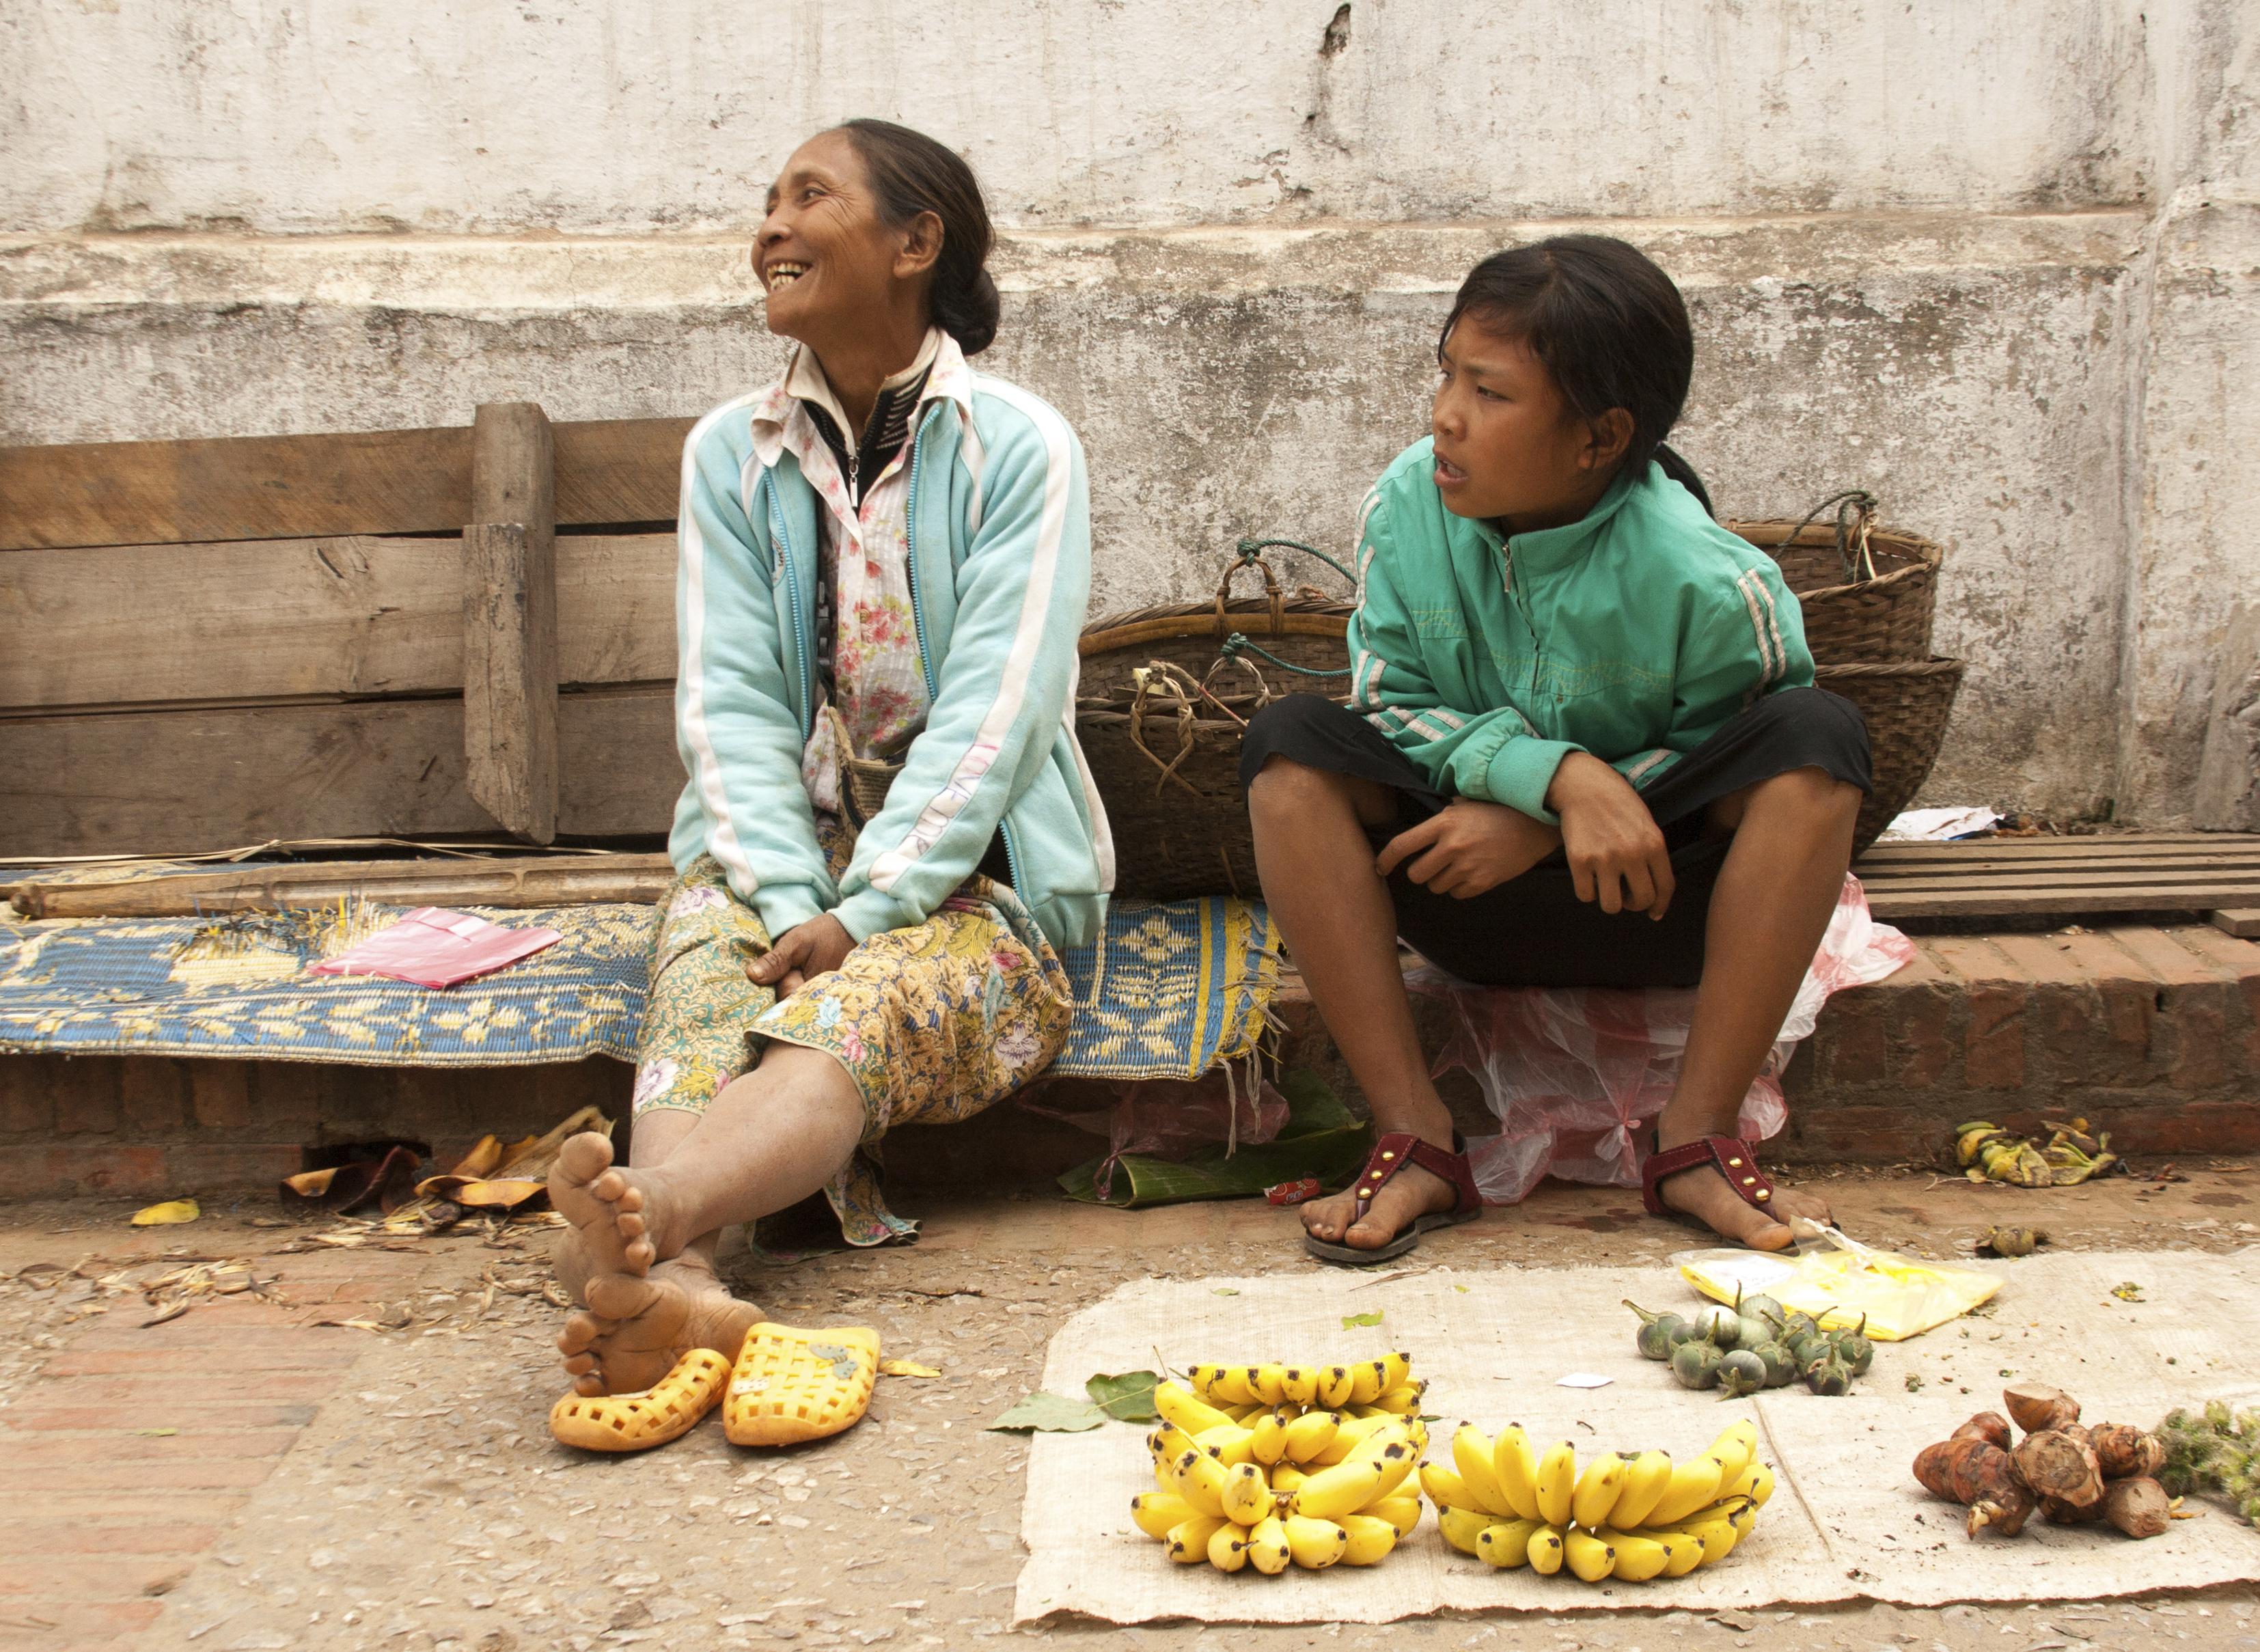 Laos - Luang Prabang - Banana Vendor Lau